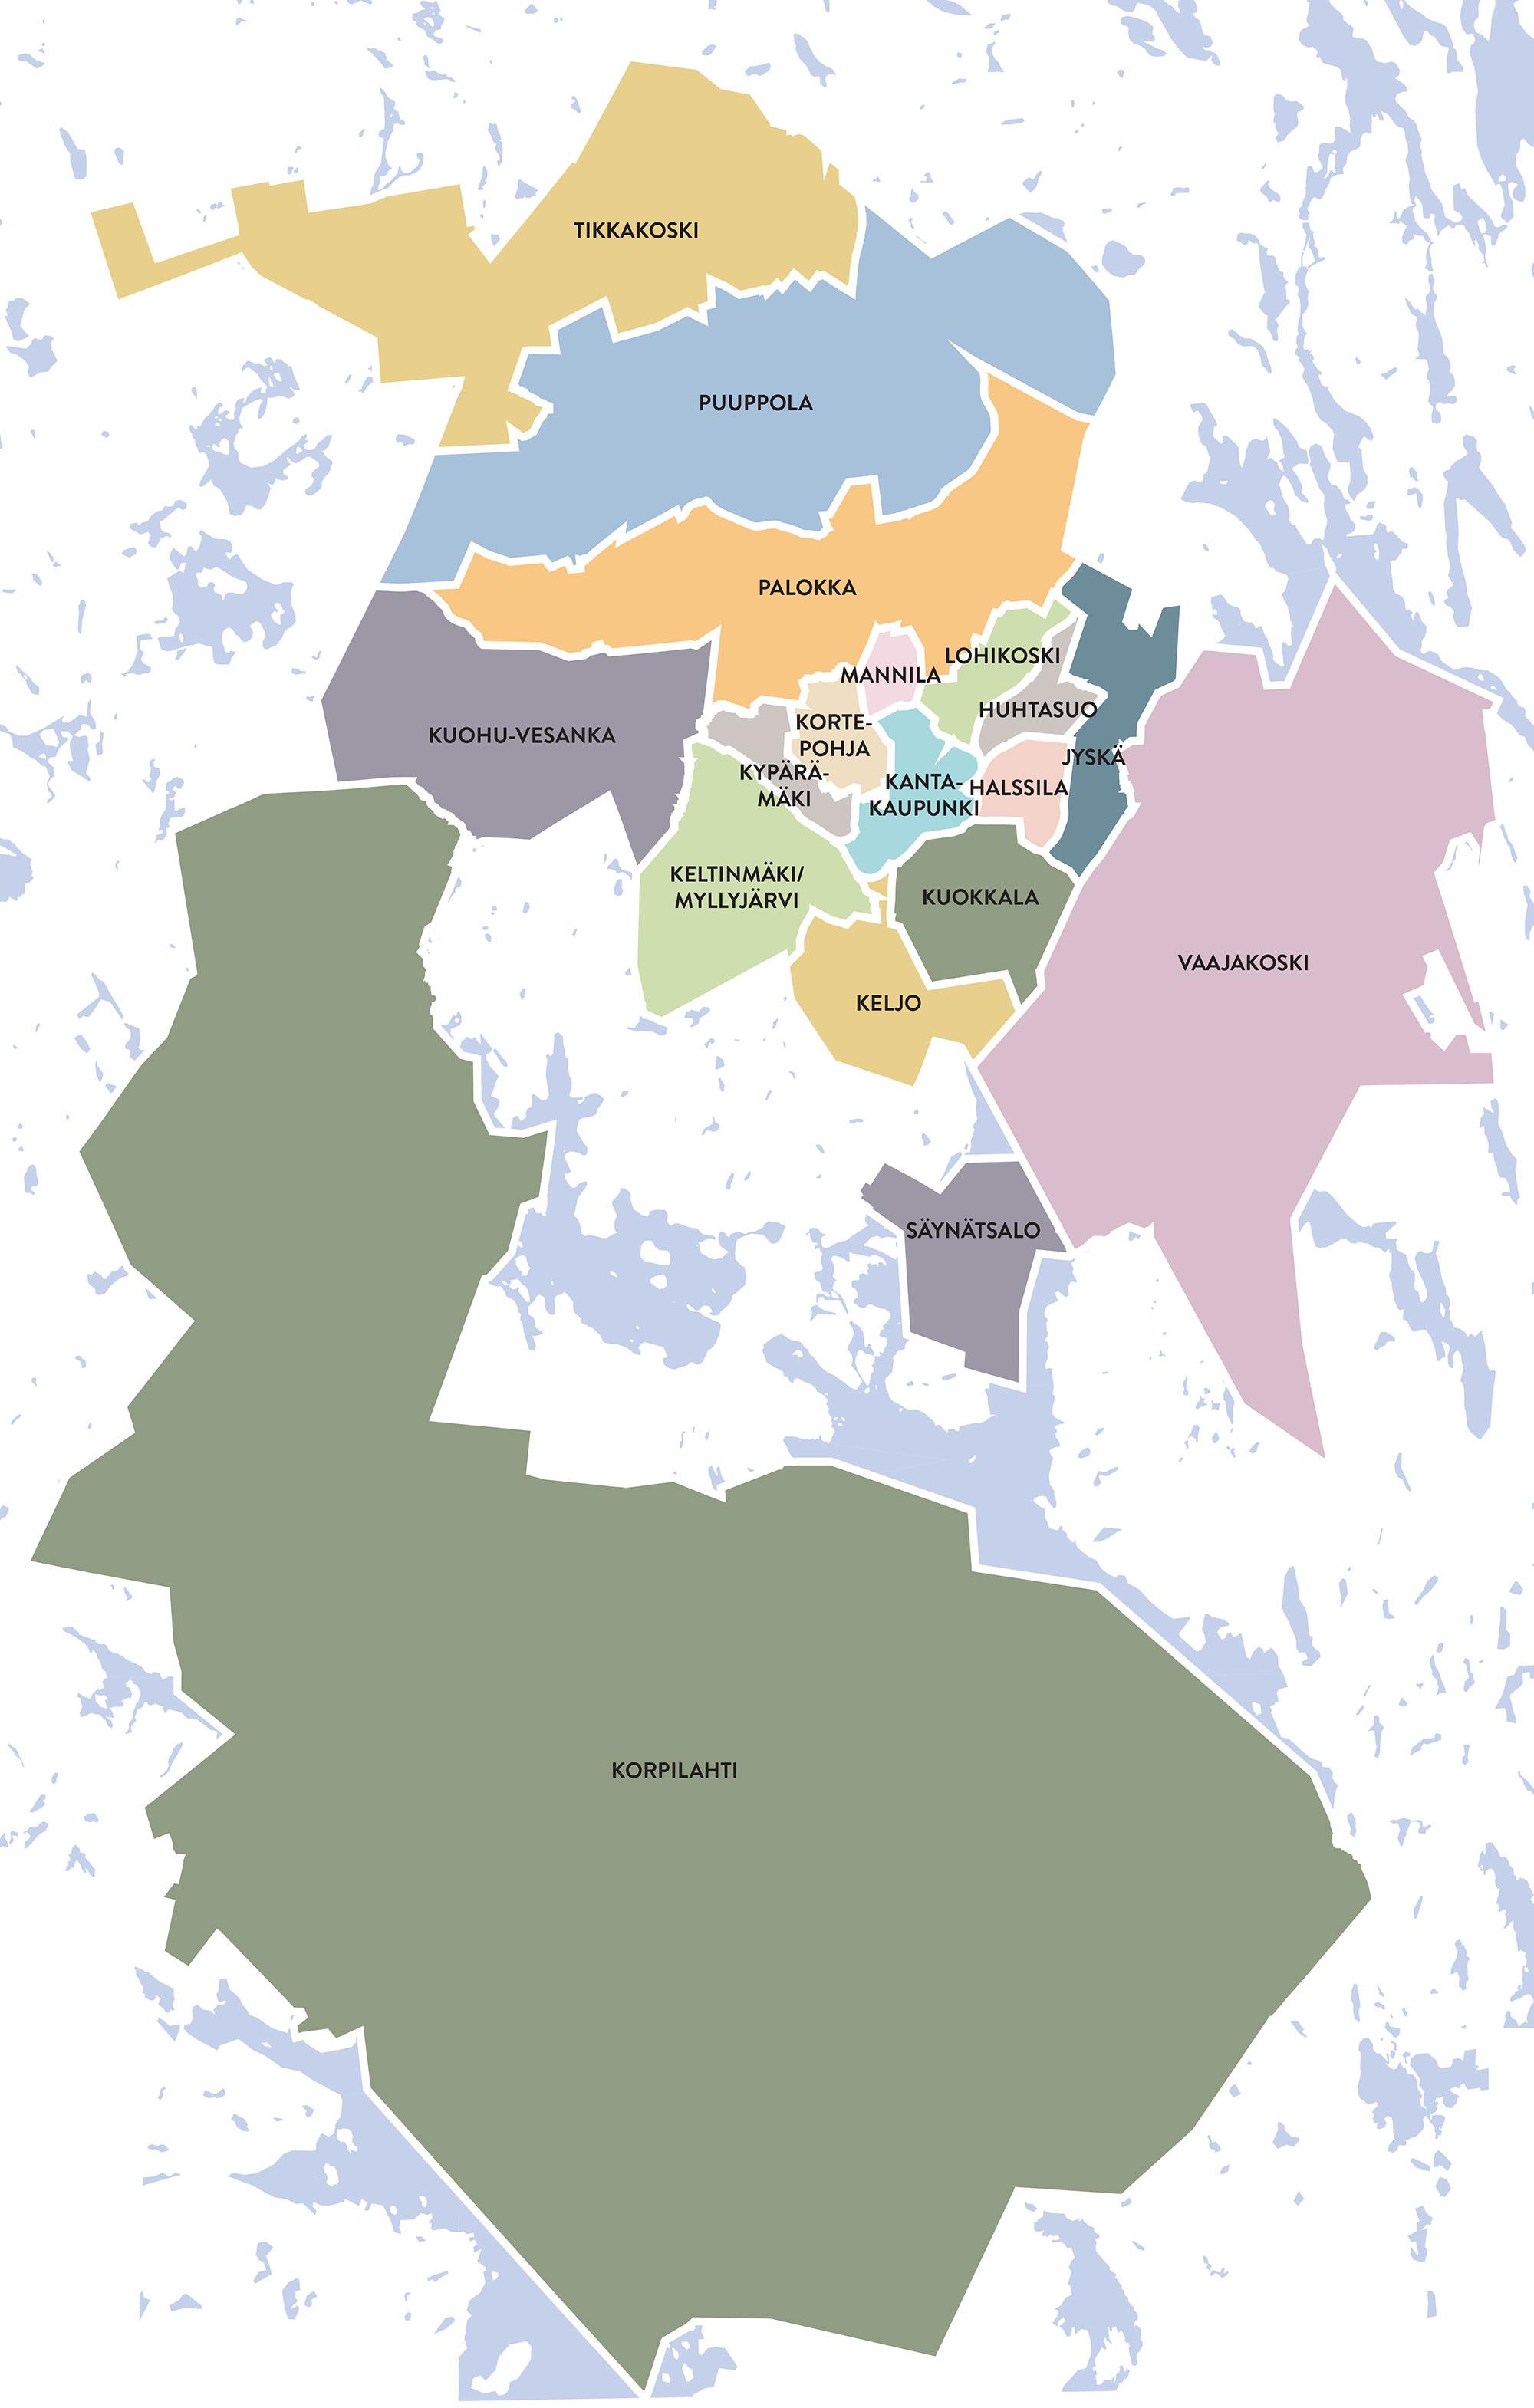 Jyväskylän asuinalueet